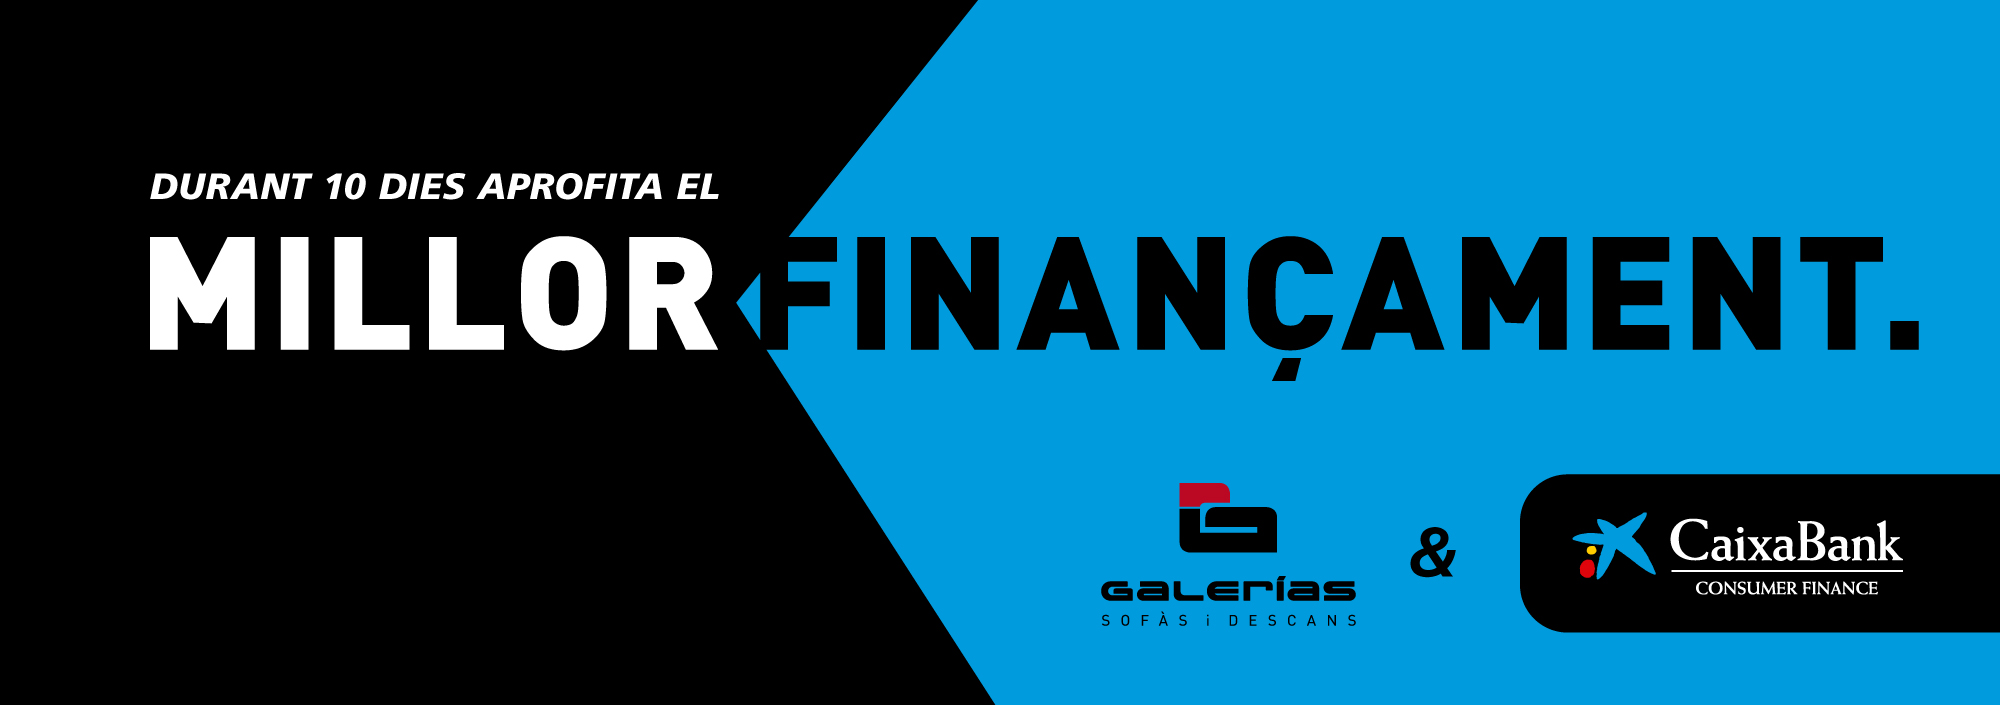 GALERIAS-BannerWeb_Finançament_CA